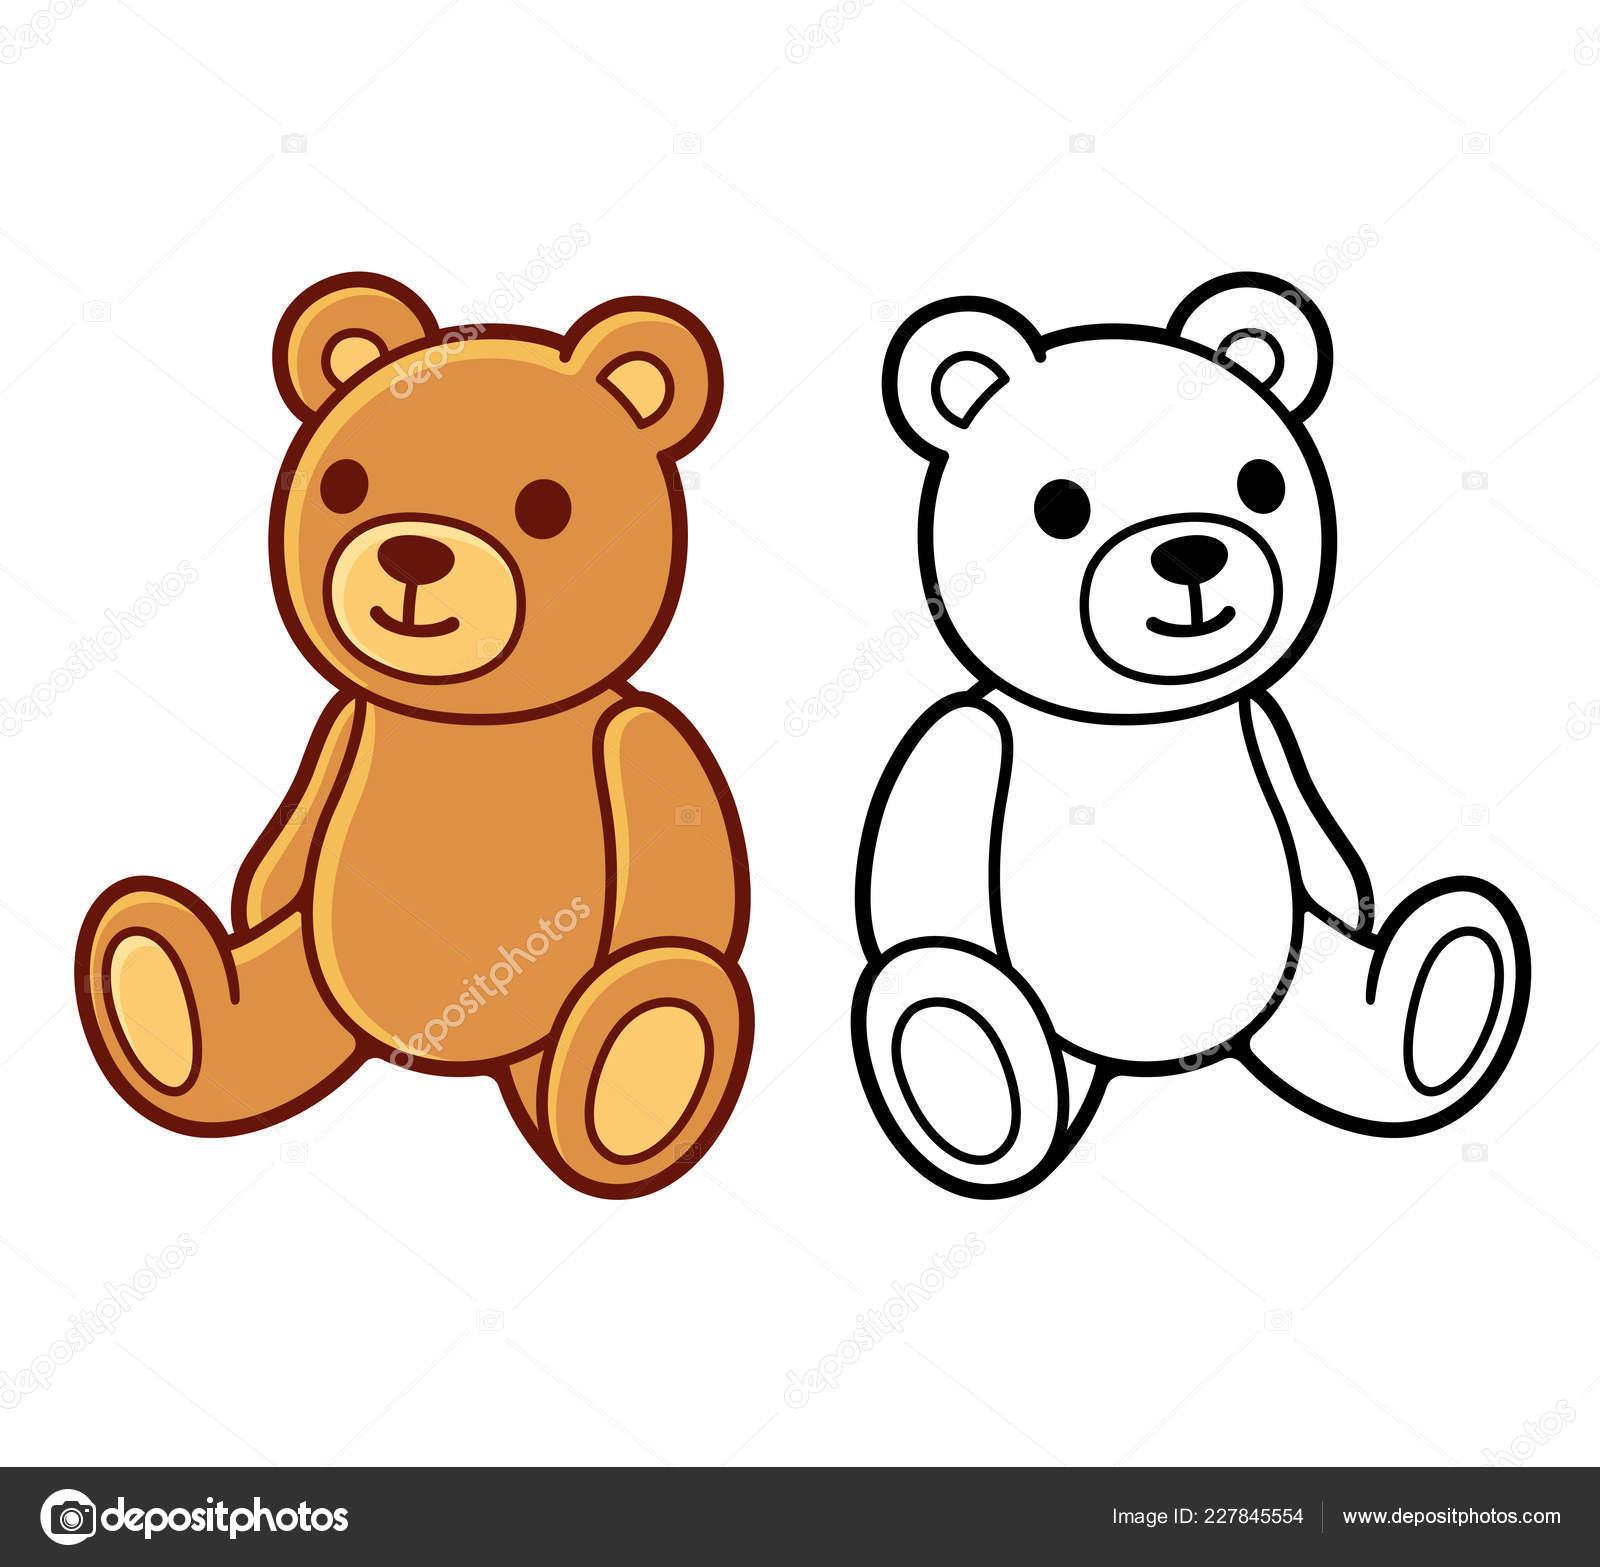 Hracka Plysovy Medved Cerne Bile Cary Umeni Kolorovanou Kresbu